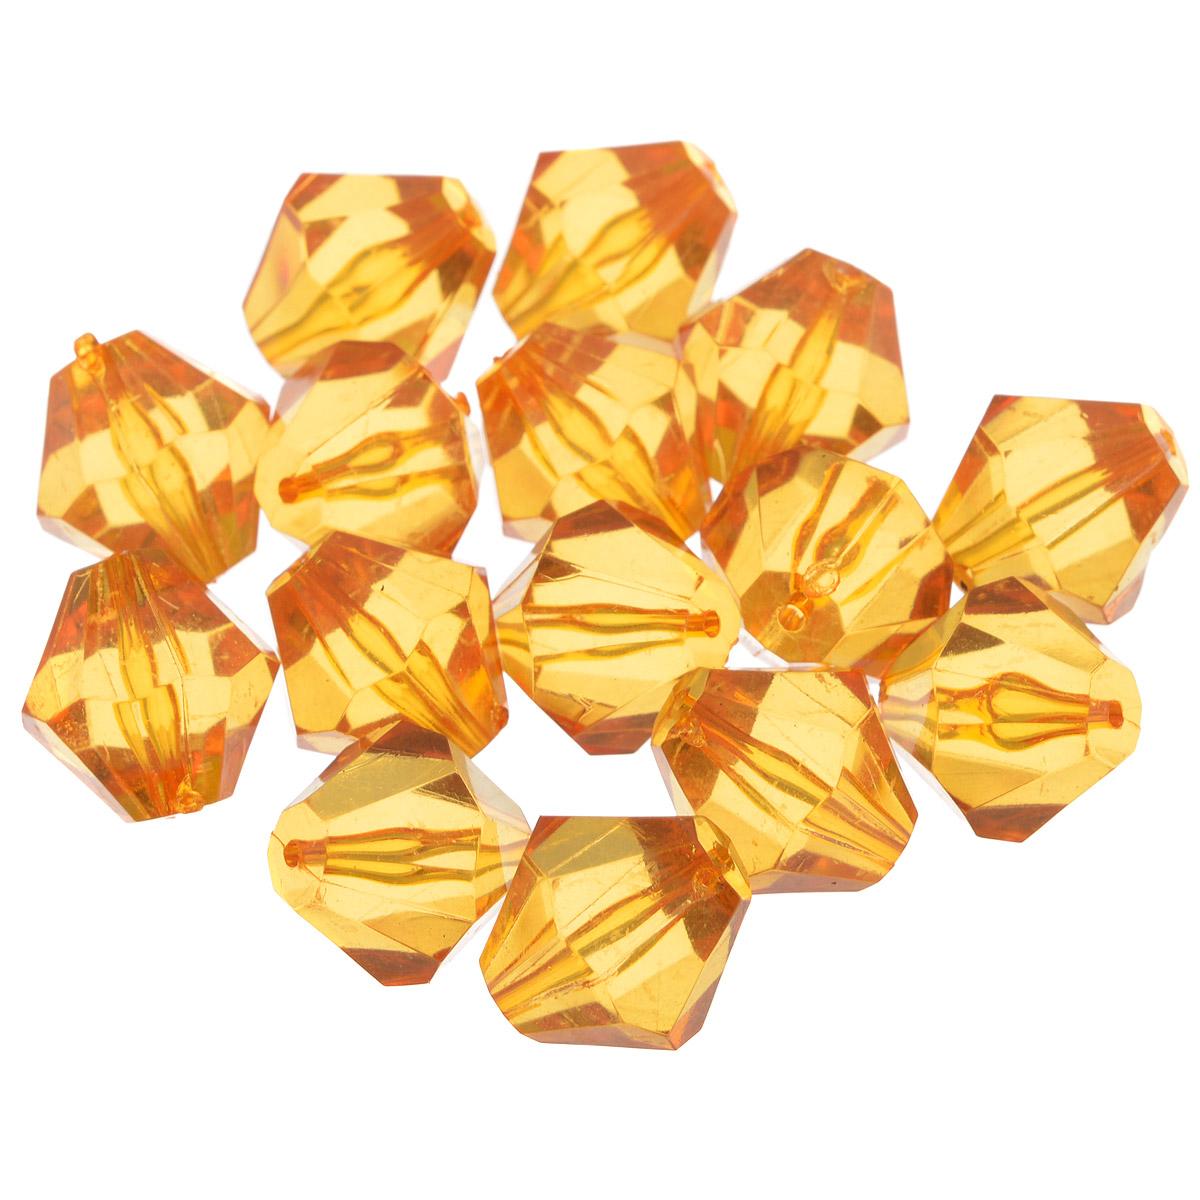 Бусины Астра, цвет: оранжевый (51), 16 мм х 17 мм, 25 г. 684982_51684982_51Набор бусин Астра, изготовленный из акрила, позволит вам своими руками создать оригинальные ожерелья, бусы или браслеты. Одноцветные ромбовидные бусины оригинального и яркого дизайна оснащены рельефными, многогранными поверхностями. Изготовление украшений - занимательное хобби и реализация творческих способностей рукодельницы, это возможность создания неповторимого индивидуального подарка. Размер бусины: 16 мм х 17 мм.